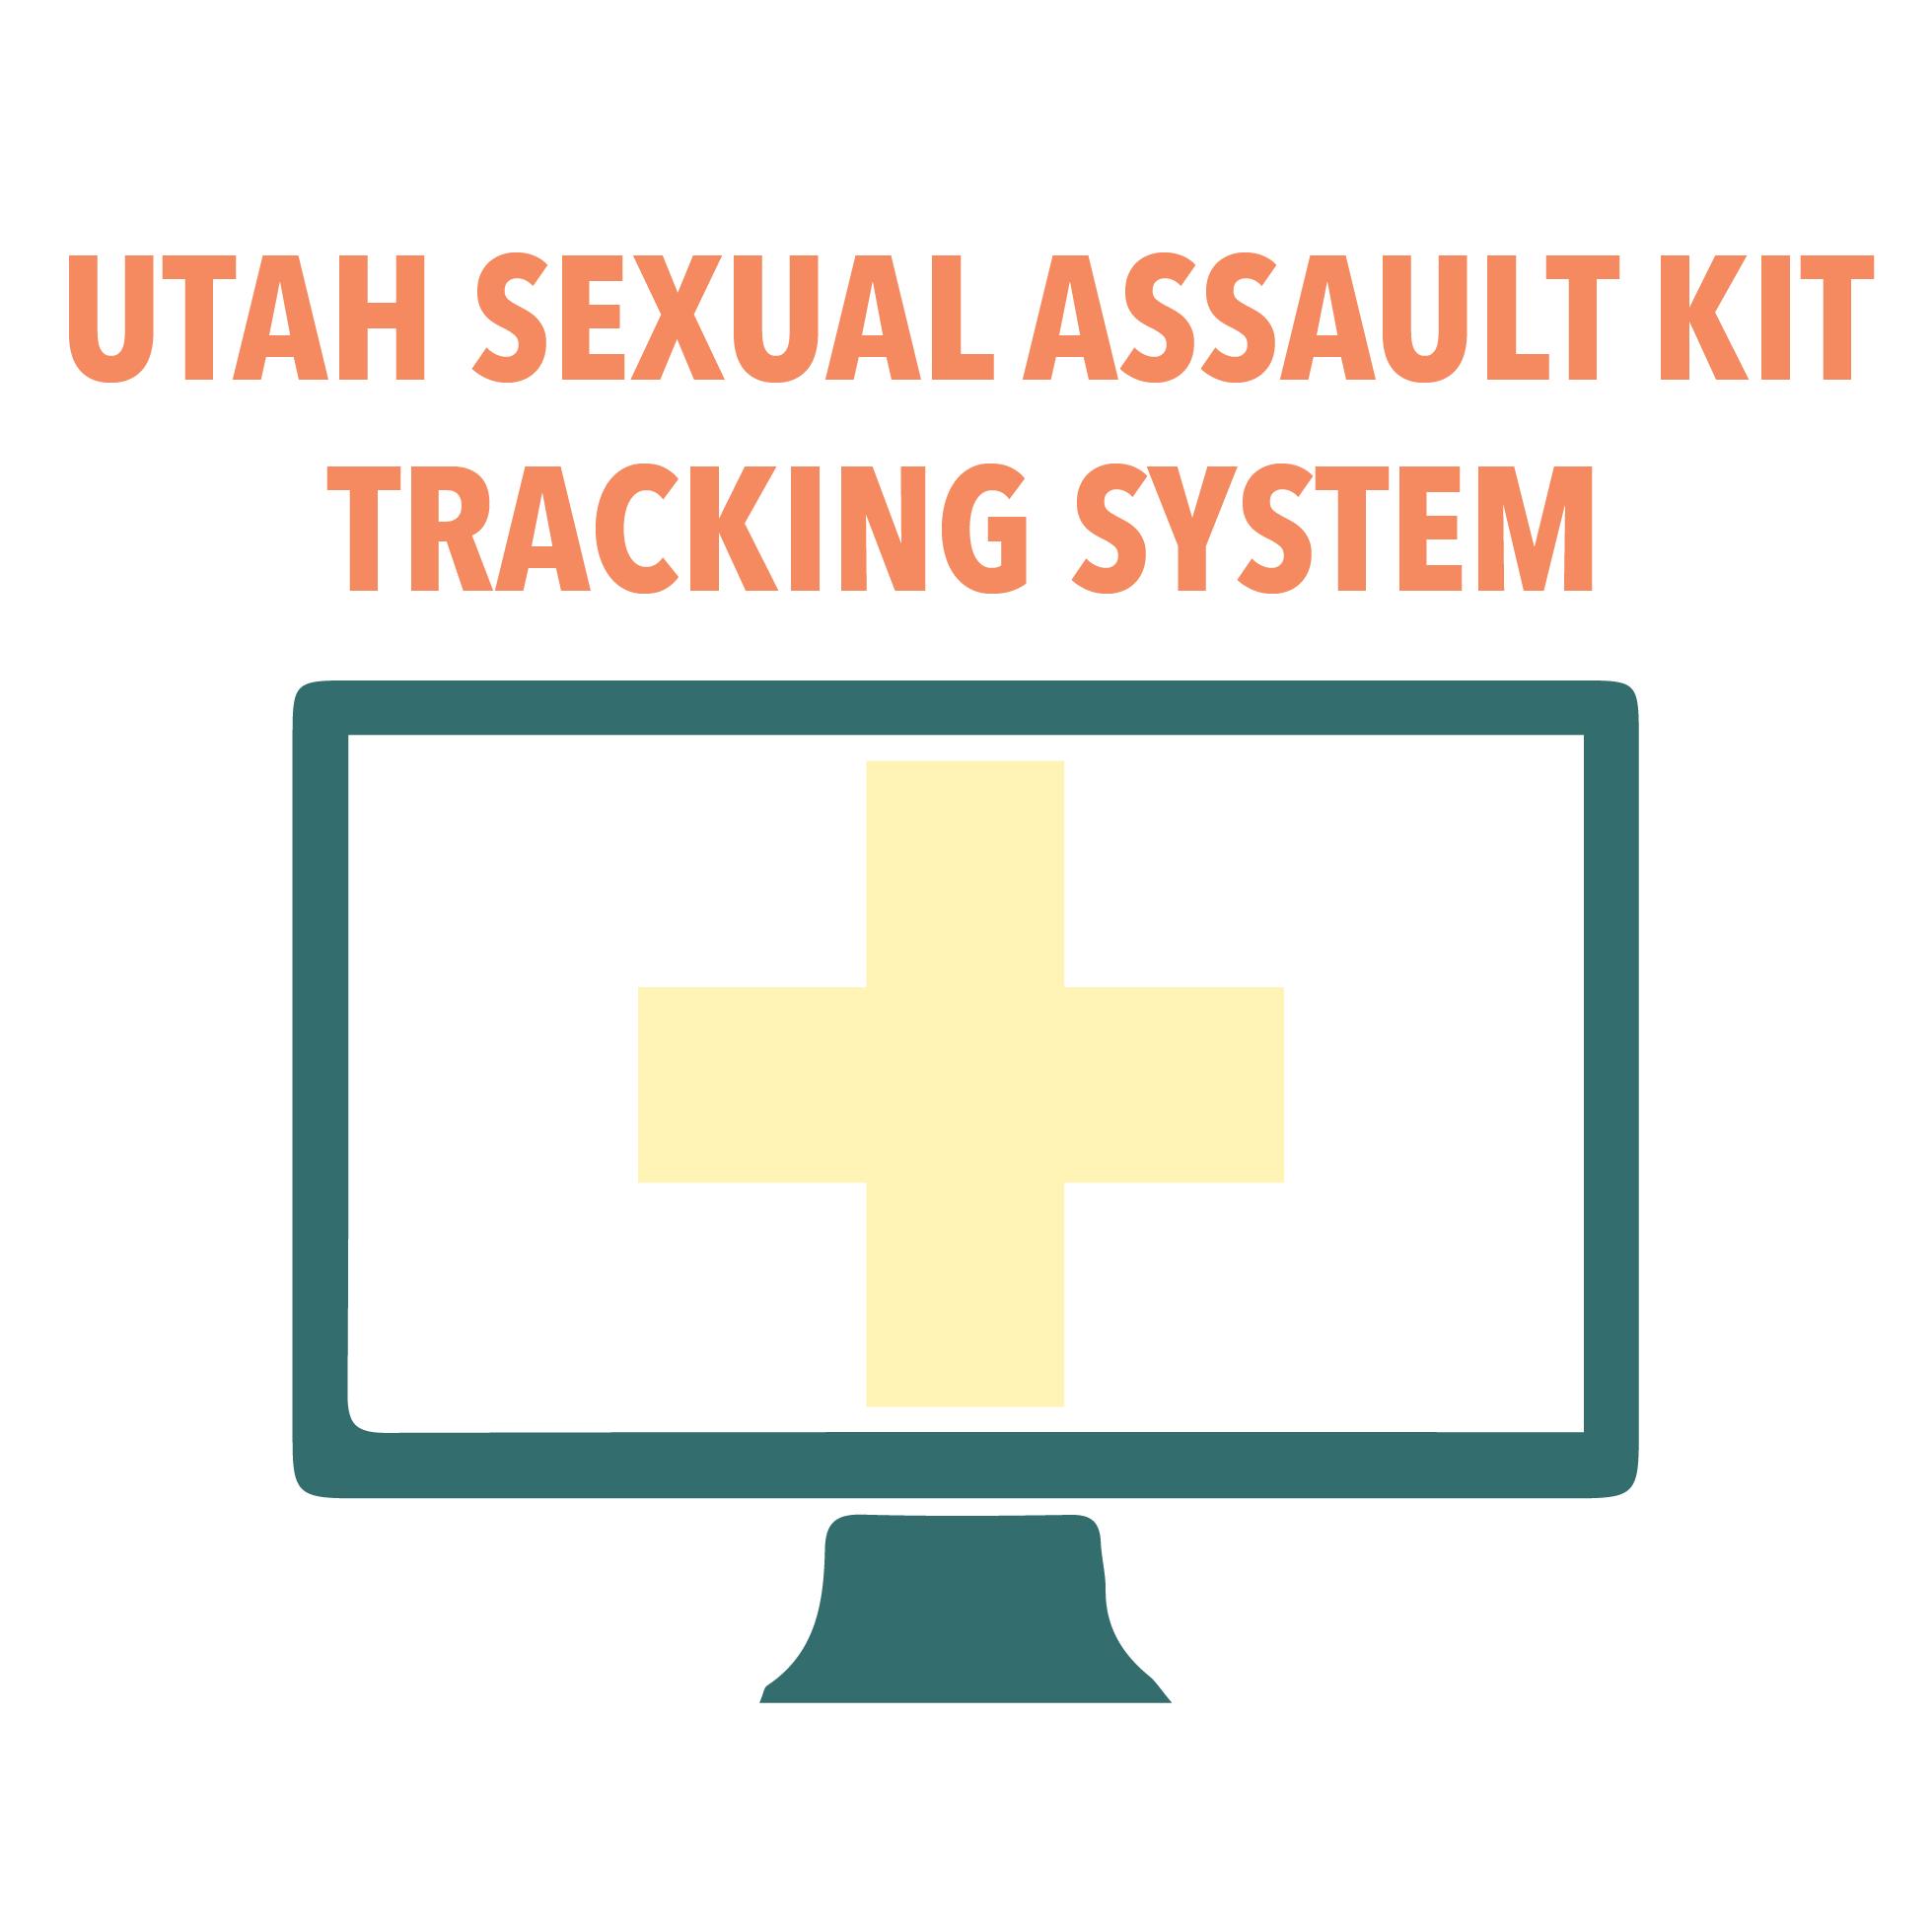 Utah SAKI trackingsystem